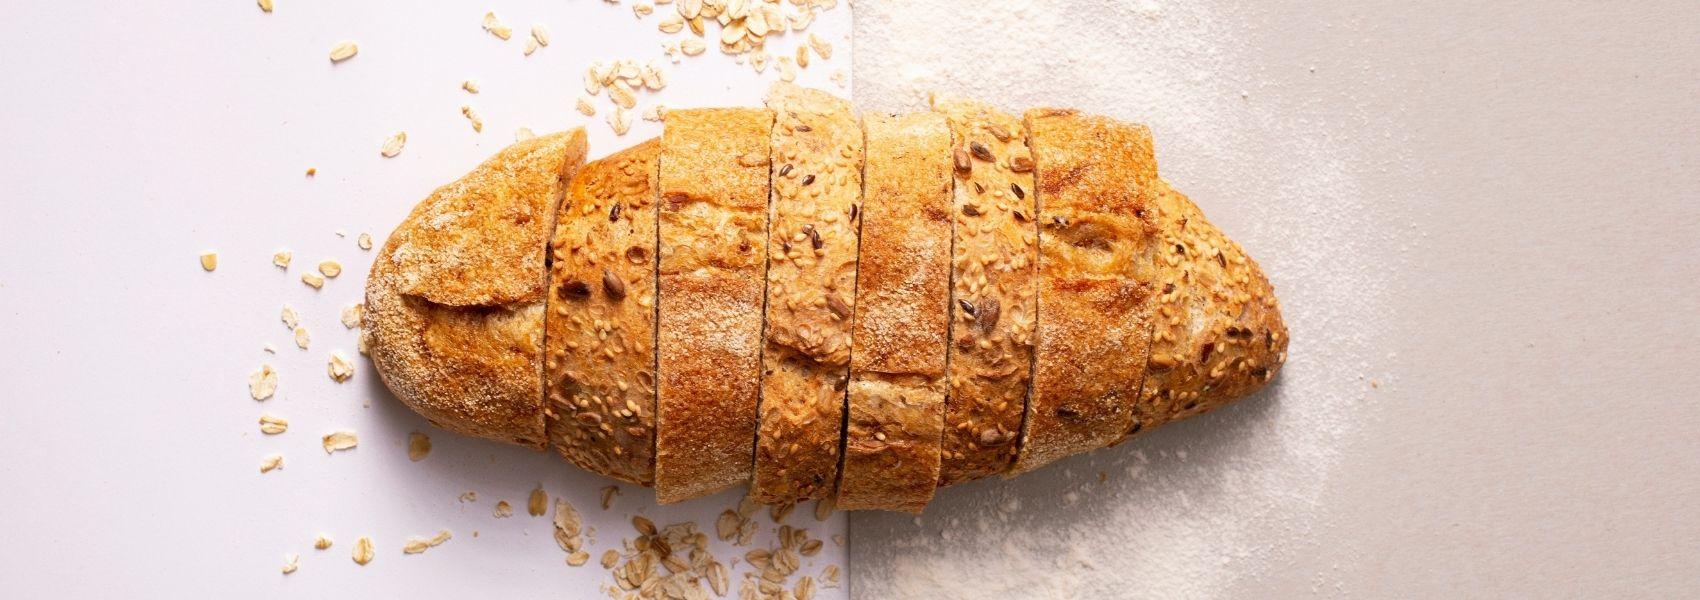 Meta de redução do sal no pão permitirá cortar em 0,51g a ingestão diária de sal